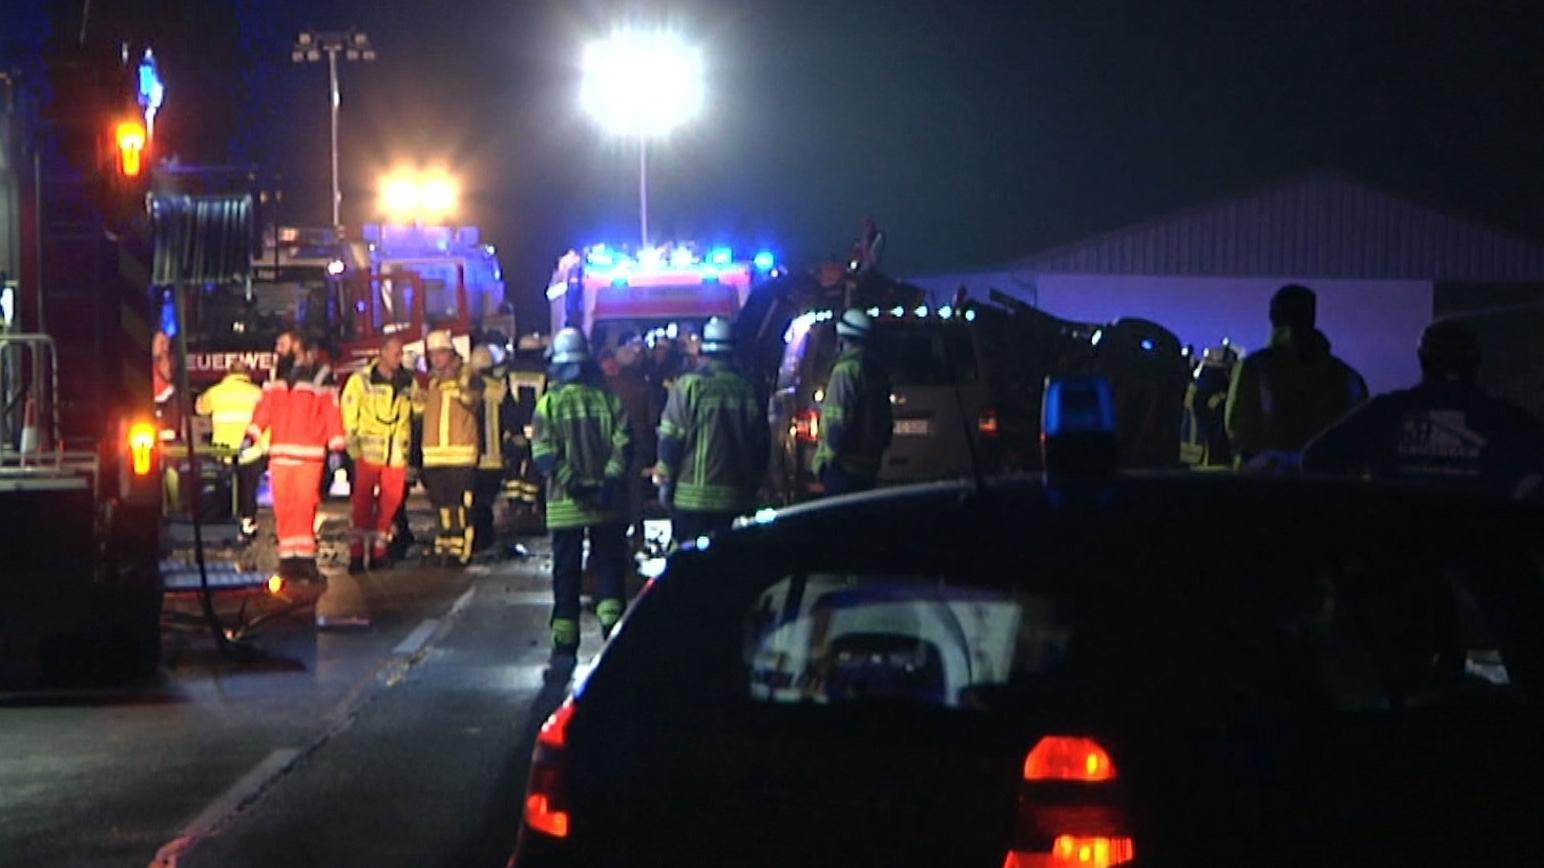 Niederviehbacher alcalde en el accidente fatal de Wörth